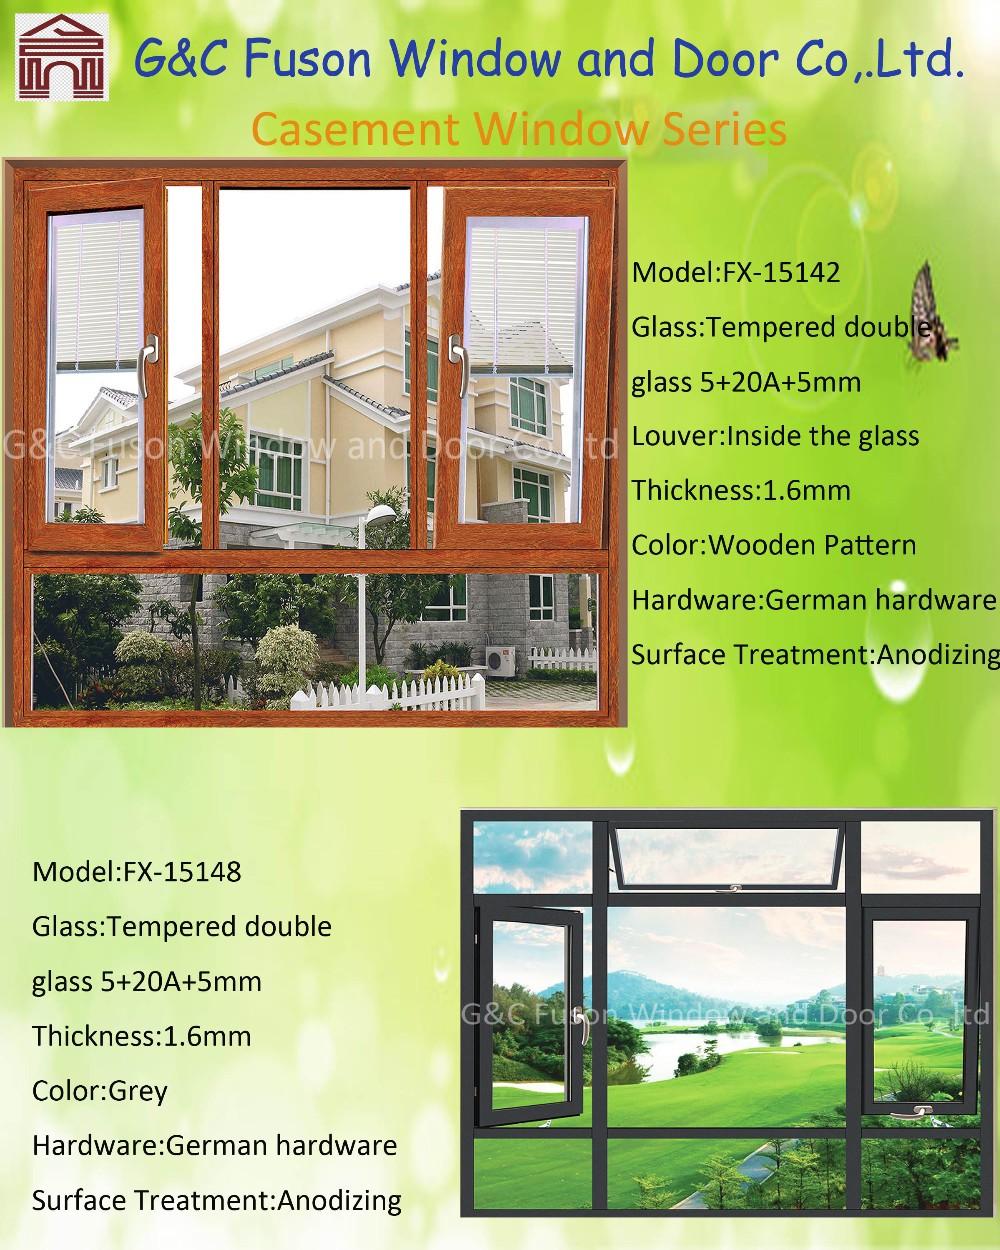 Window grill design and color - Aluminium Casement Window Grill Design